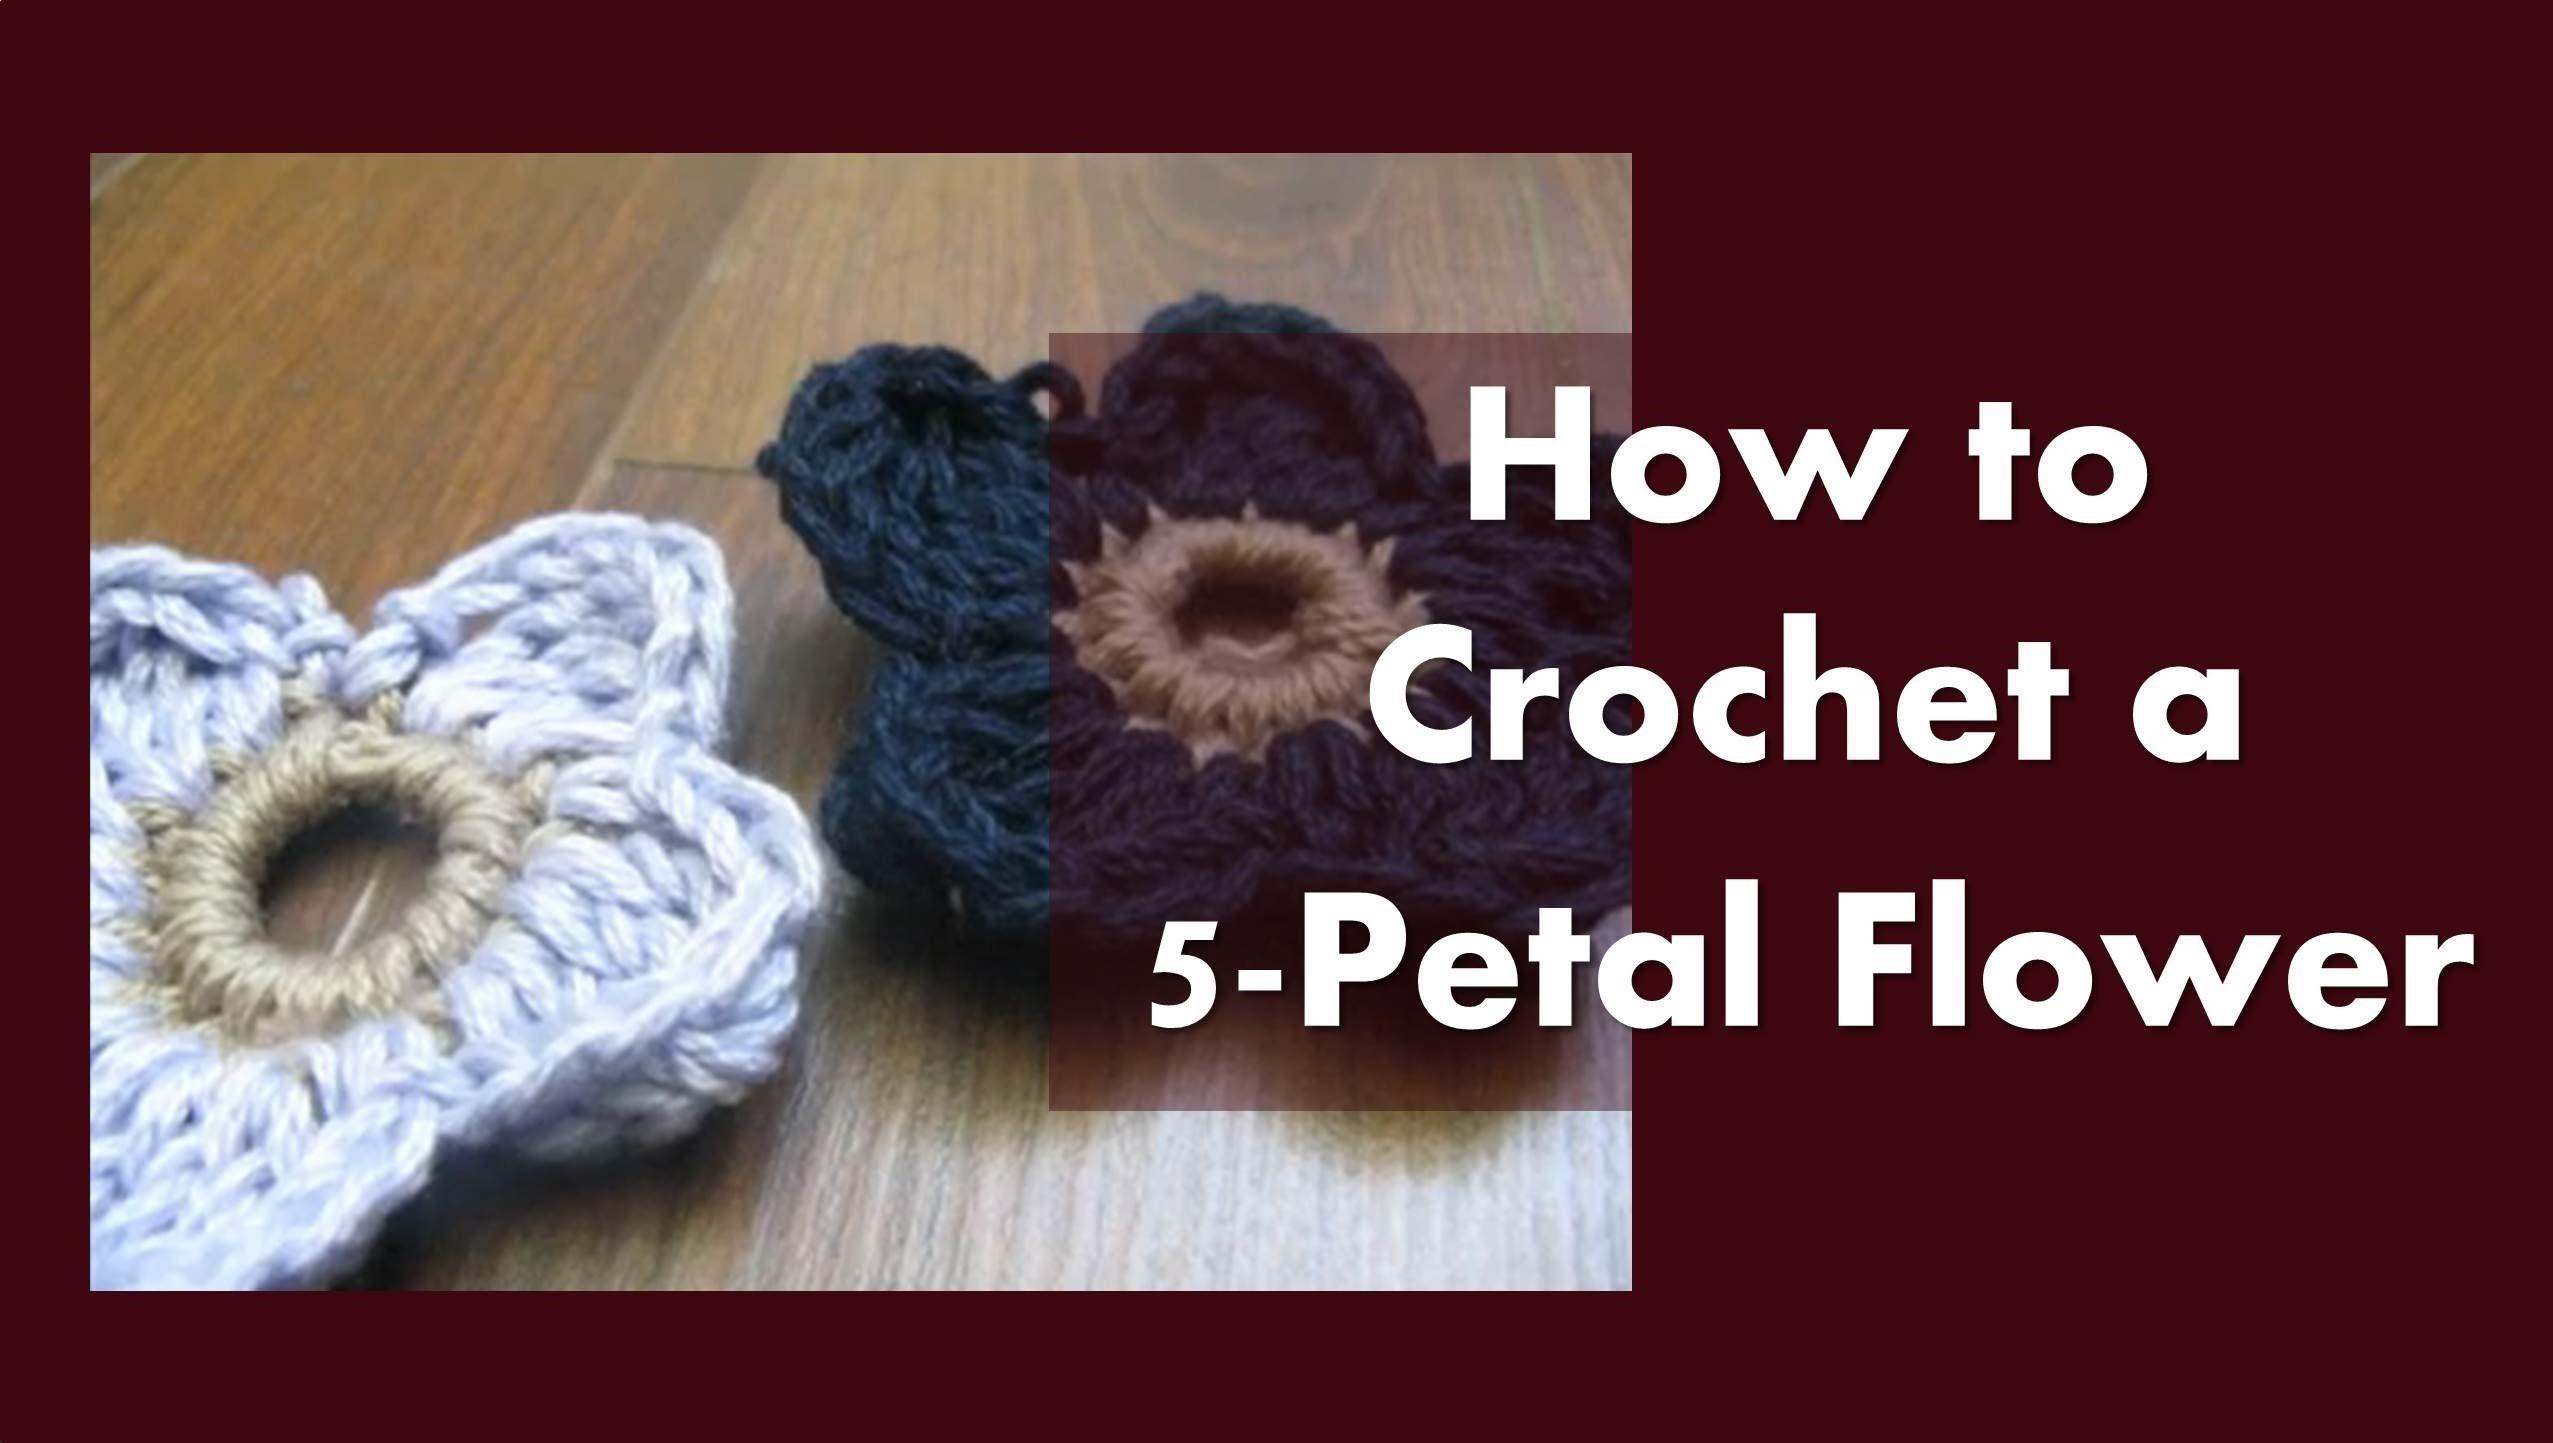 How to Crochet - Crochet a 5-Petal Flower ✿Teresa Restegui http://www.pinterest.com/teretegui/✿